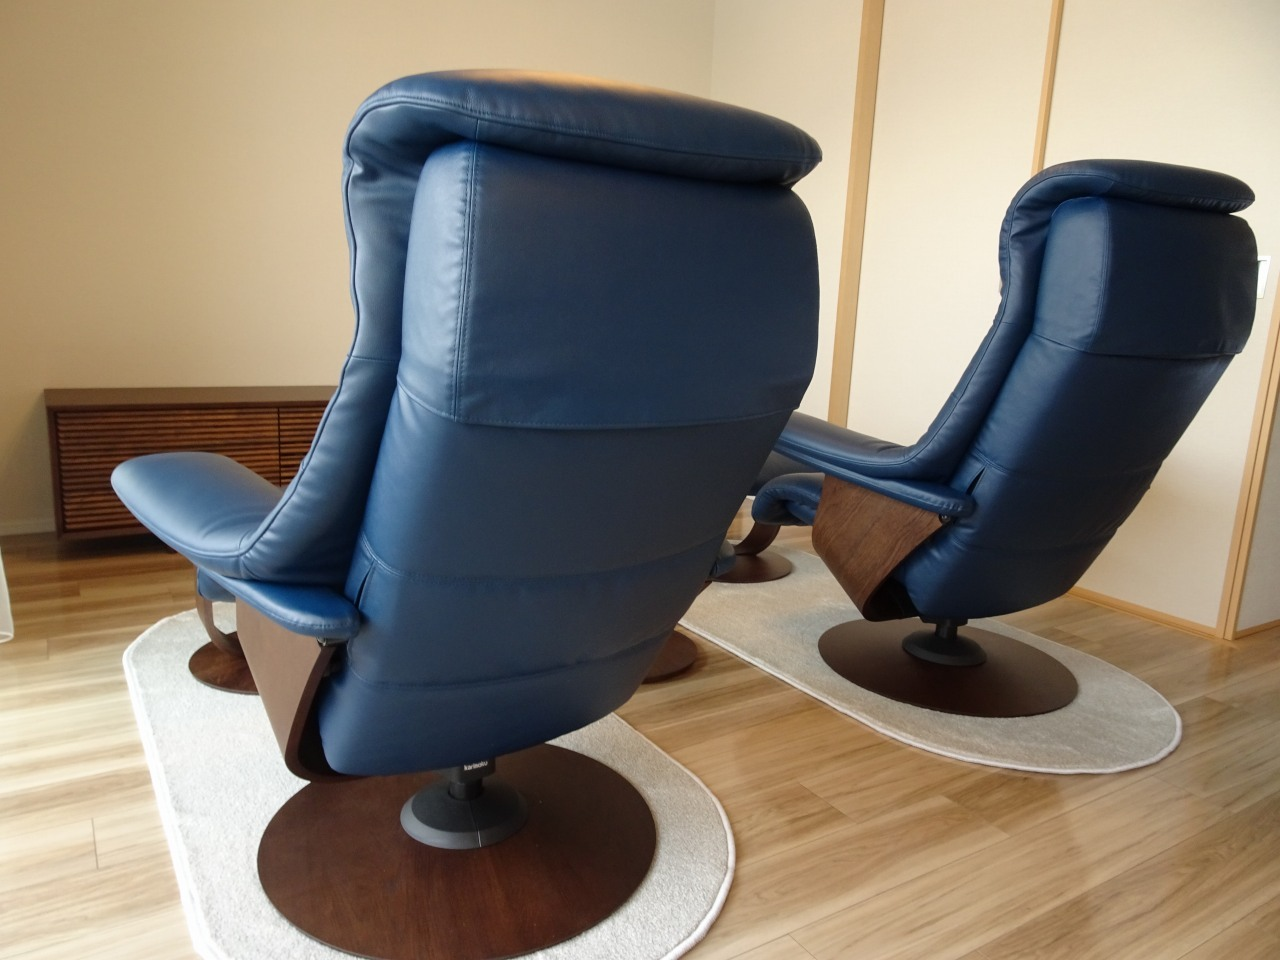 大阪府のB様にカリモク家具のザ・ファーストのパーソナルリクライニングチェアーをお届けいたしました。